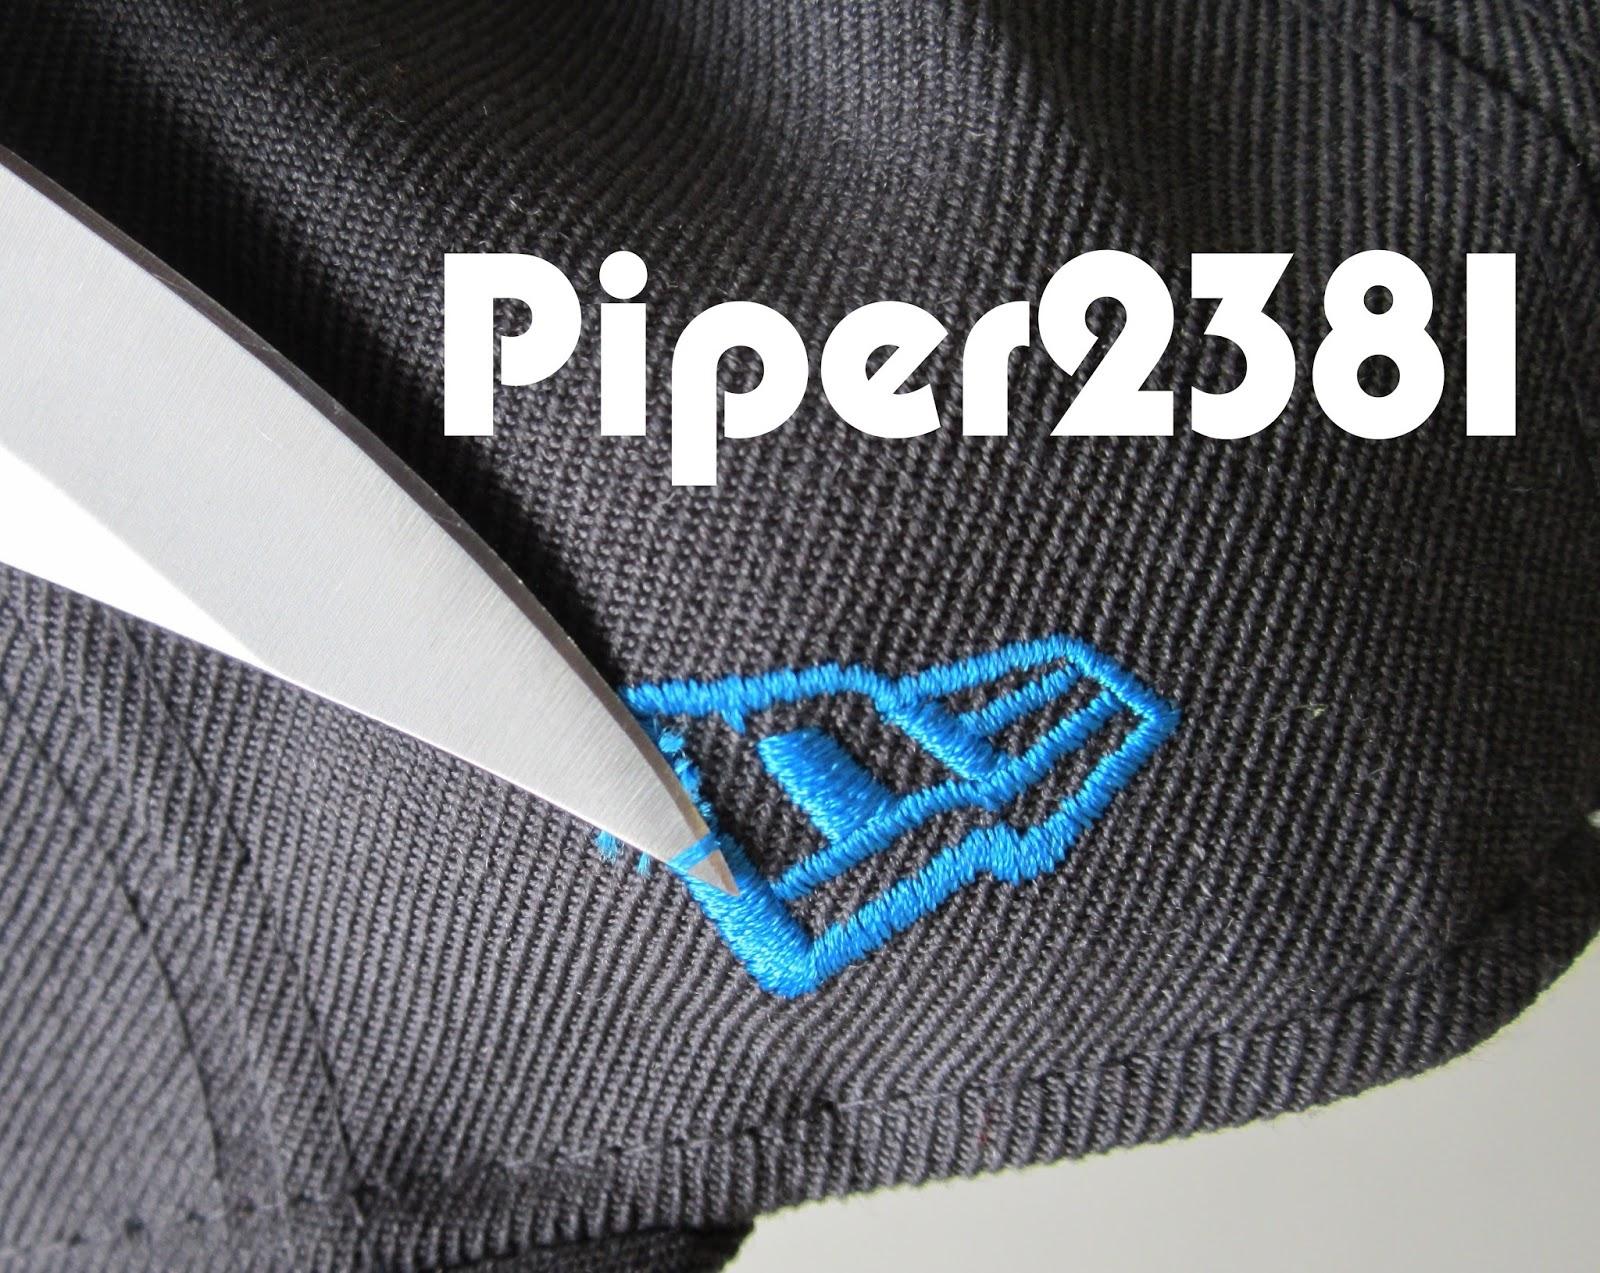 piper2381 removing the new era logo